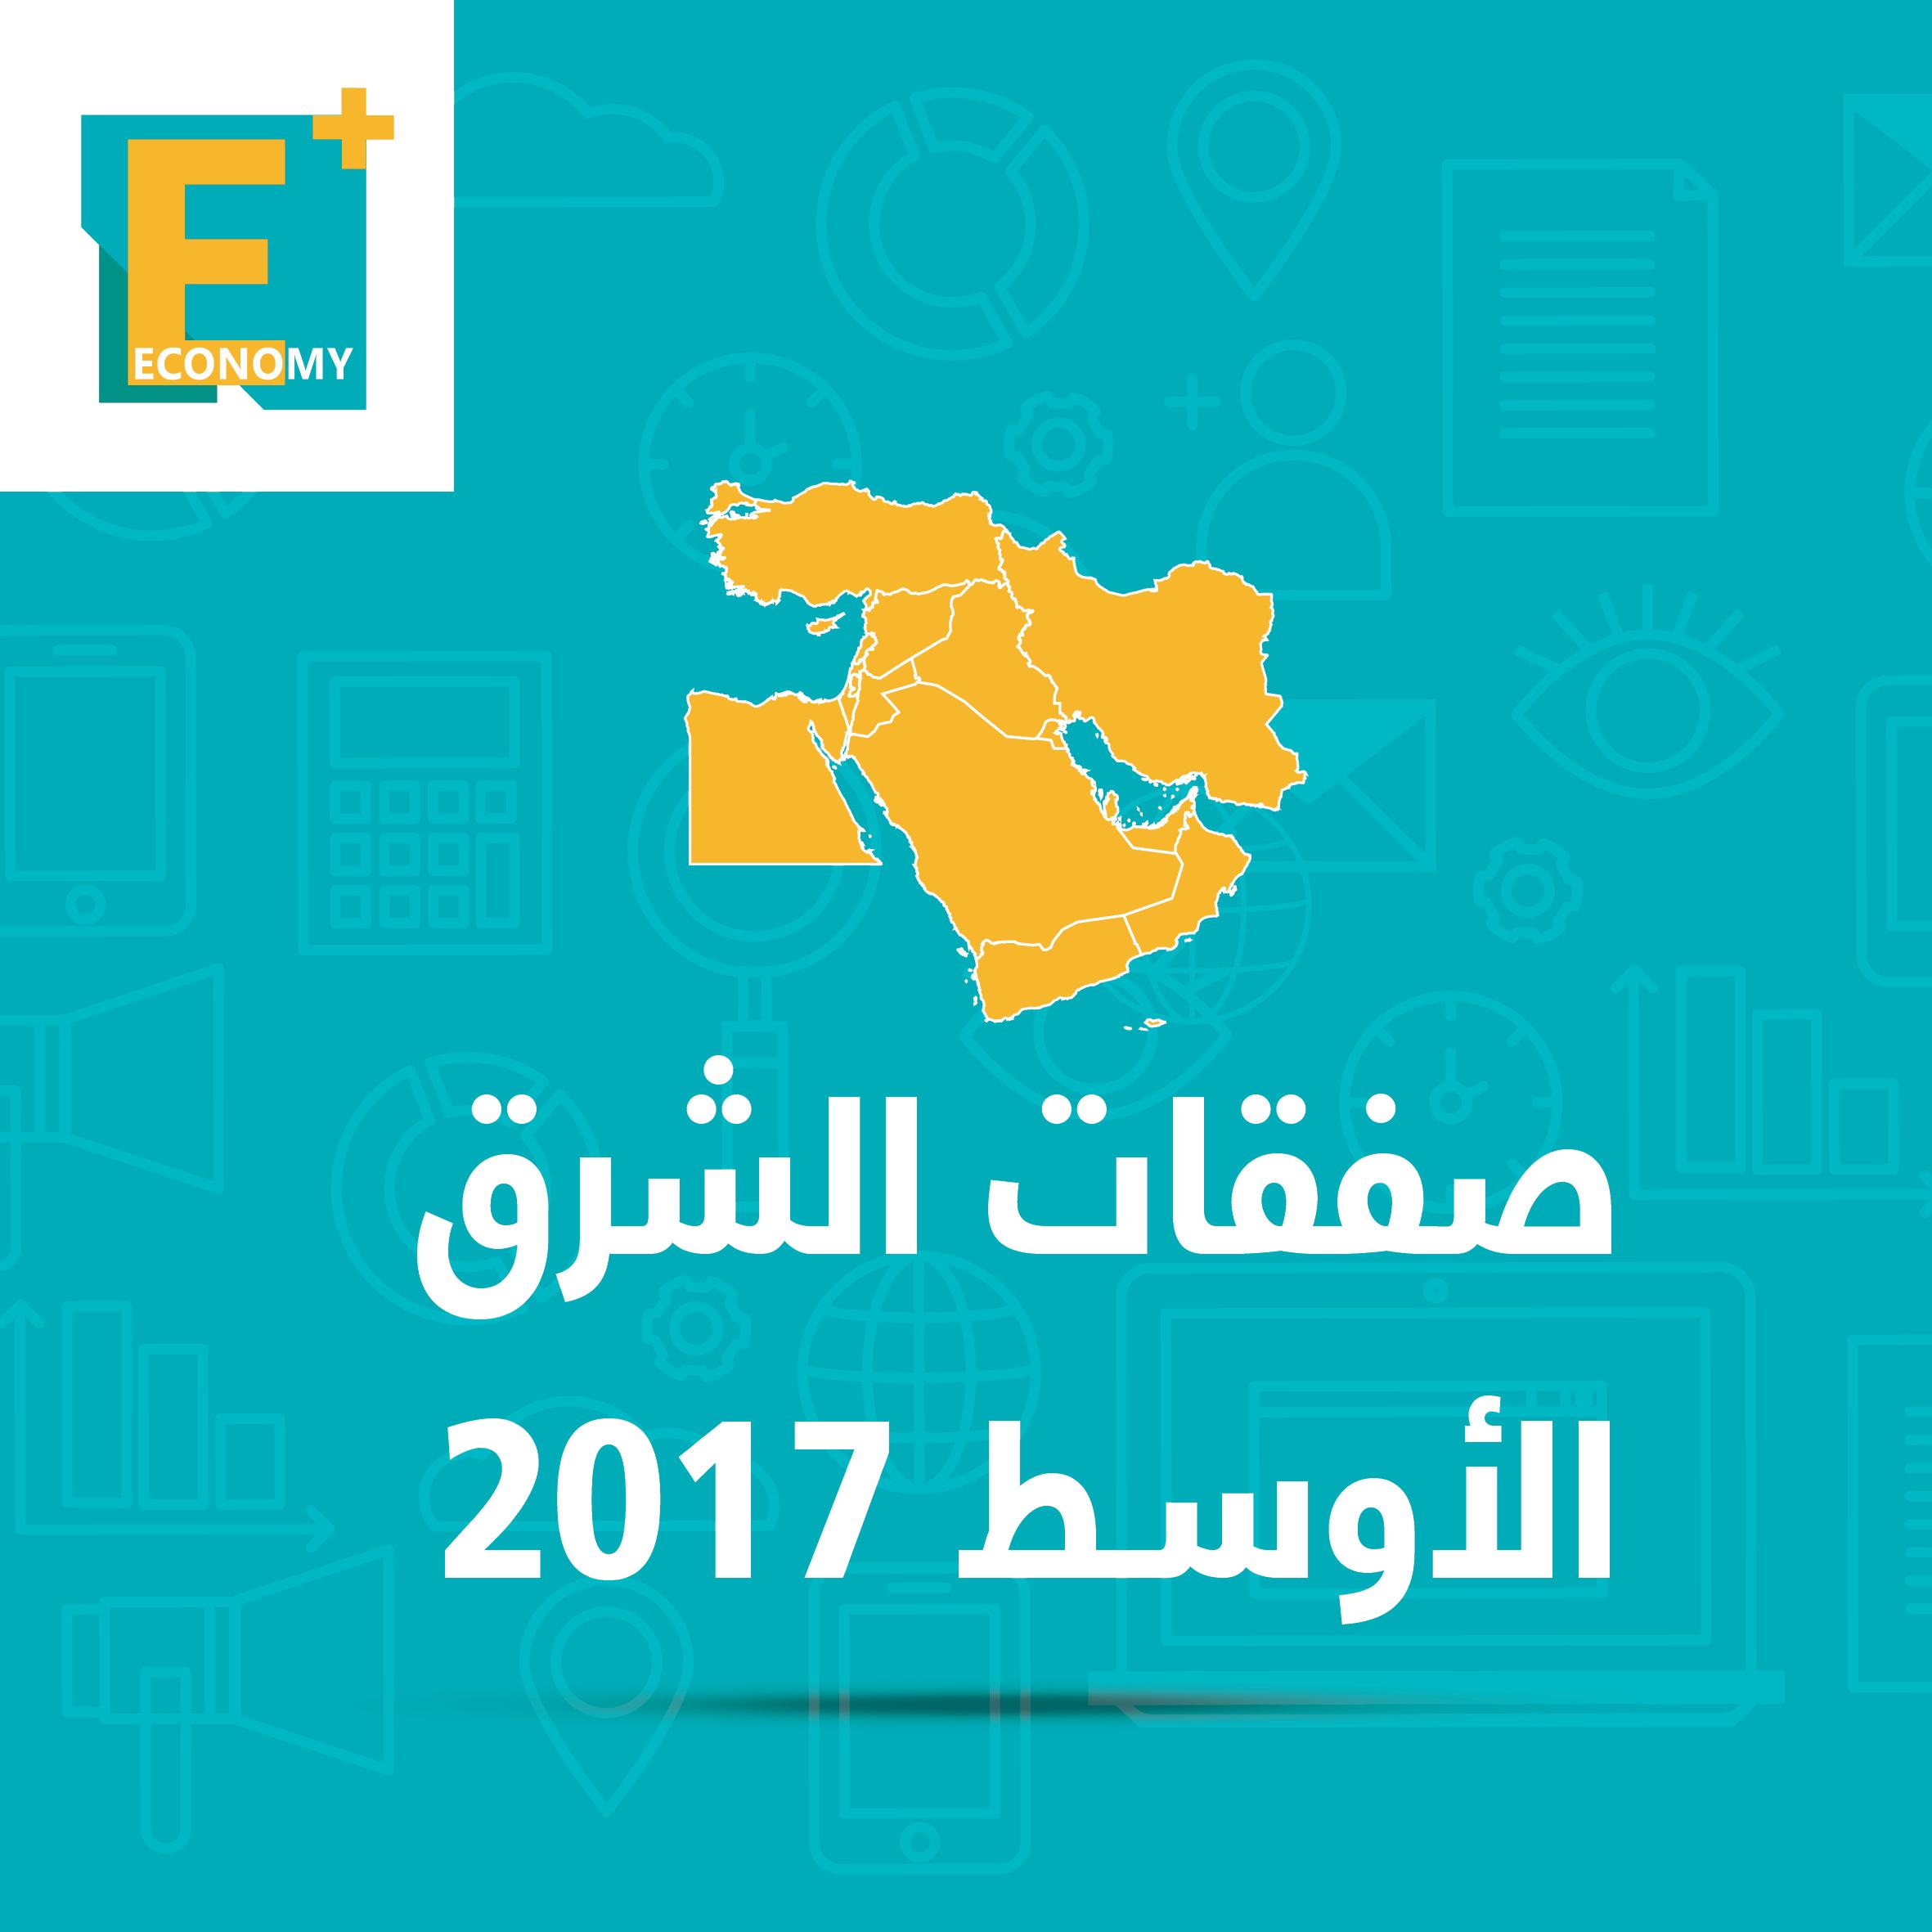 صفقات الشرق الأوسط 2017.. بالأرقام